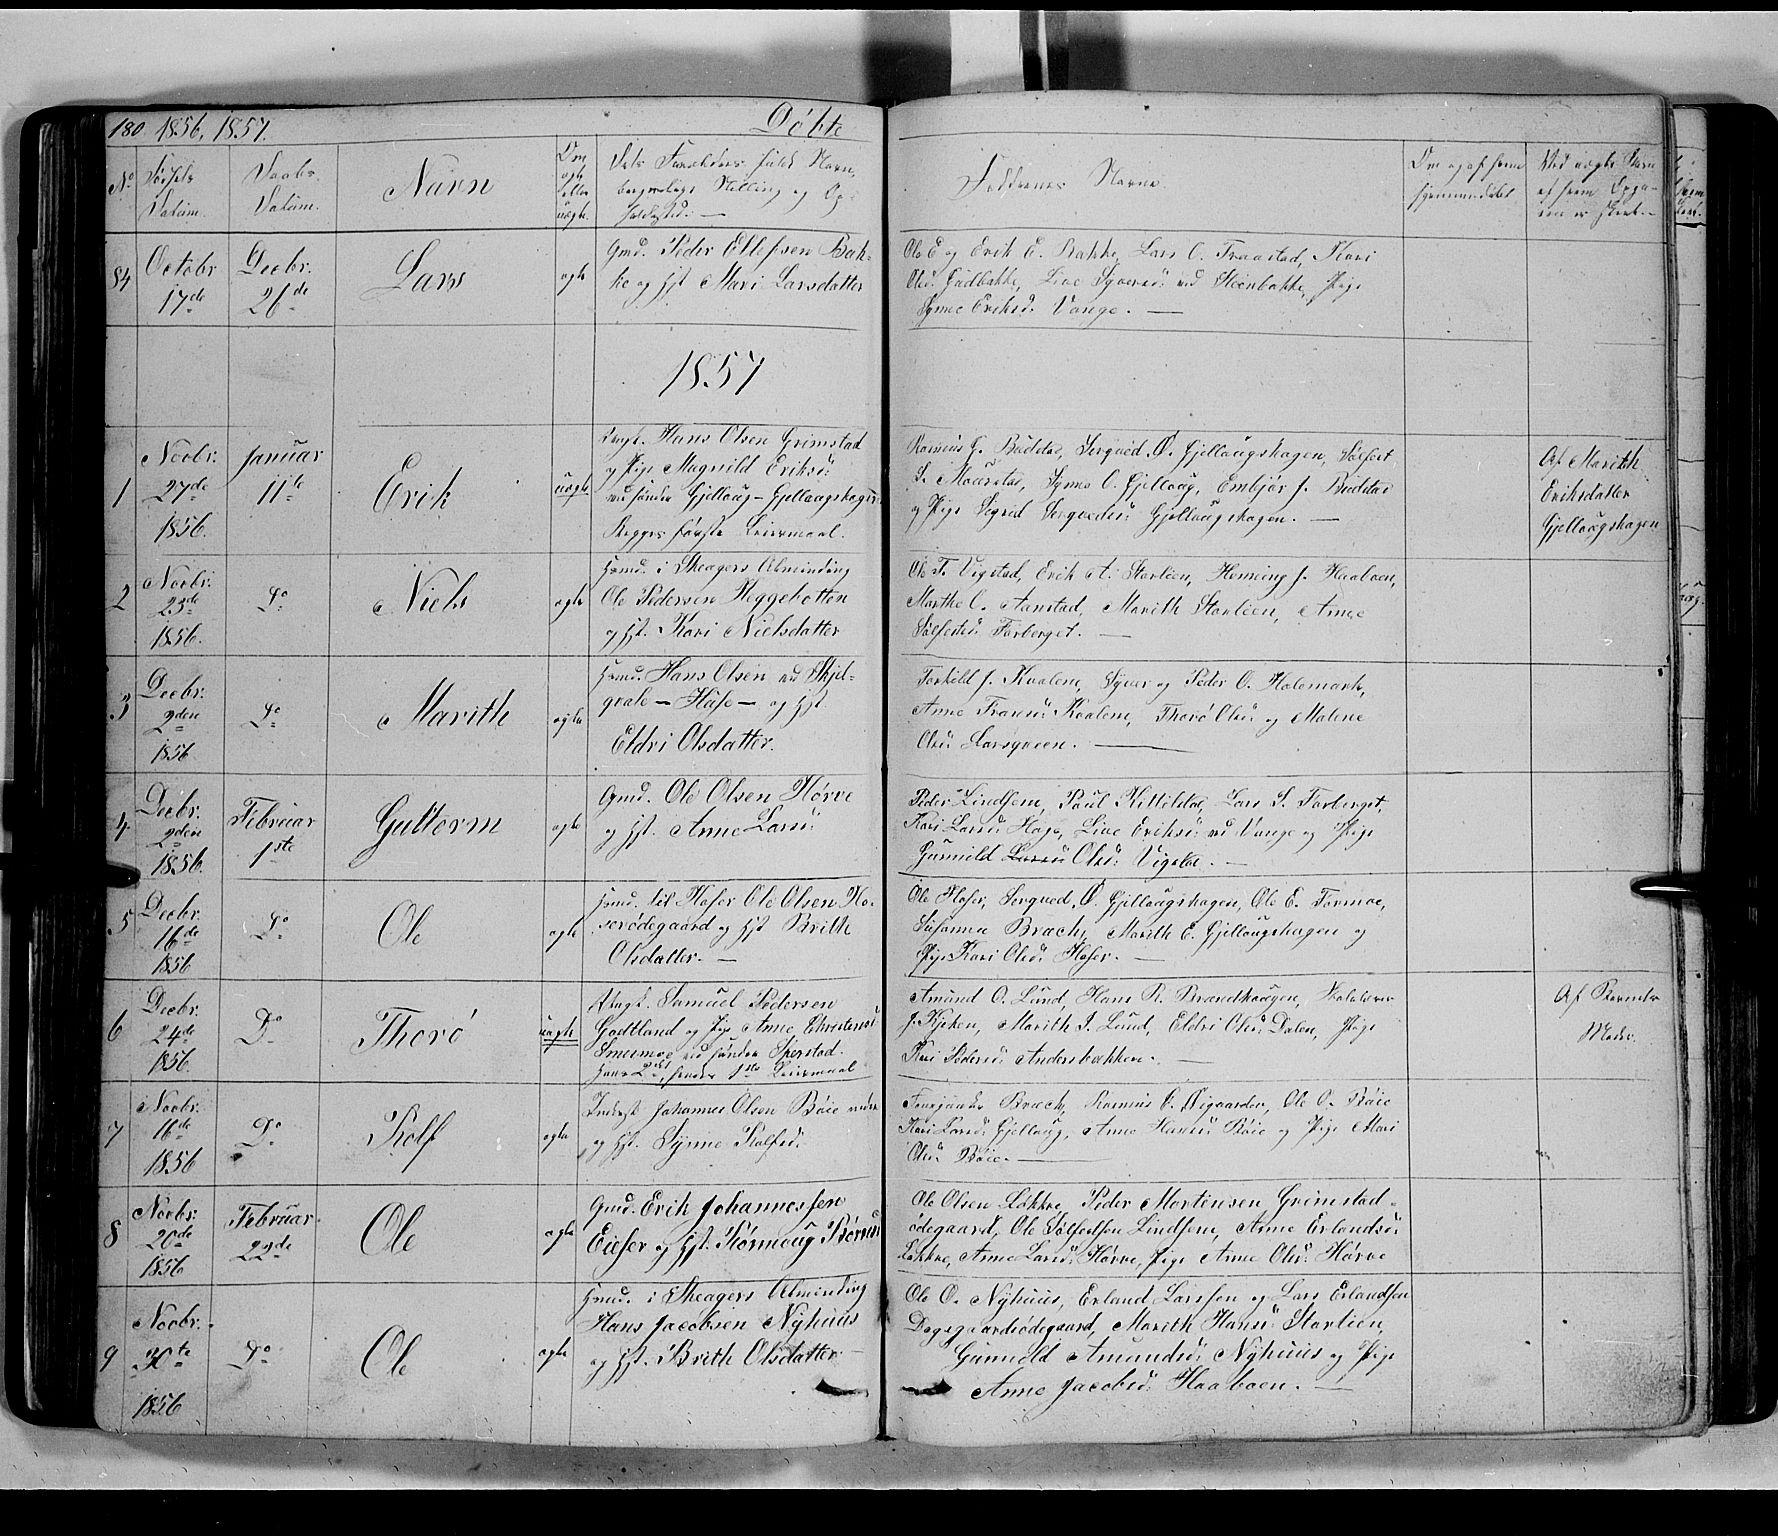 SAH, Lom prestekontor, L/L0004: Klokkerbok nr. 4, 1845-1864, s. 180-181